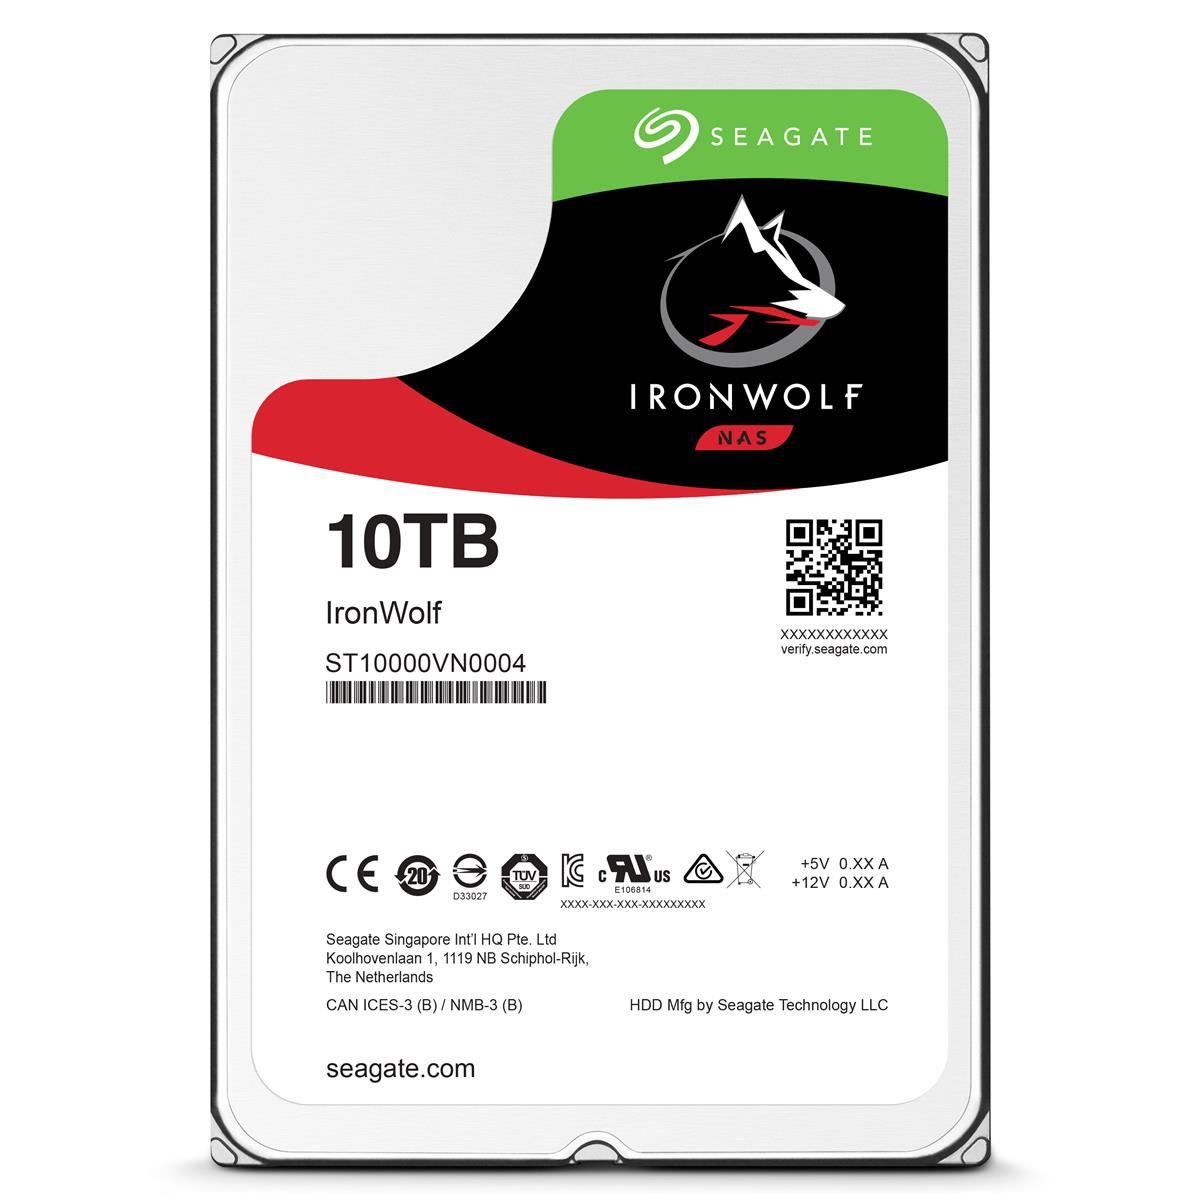 """Seagate IronWolf 10TB SATA III 3.5"""" Hard Drive £269.99 @ CCL"""